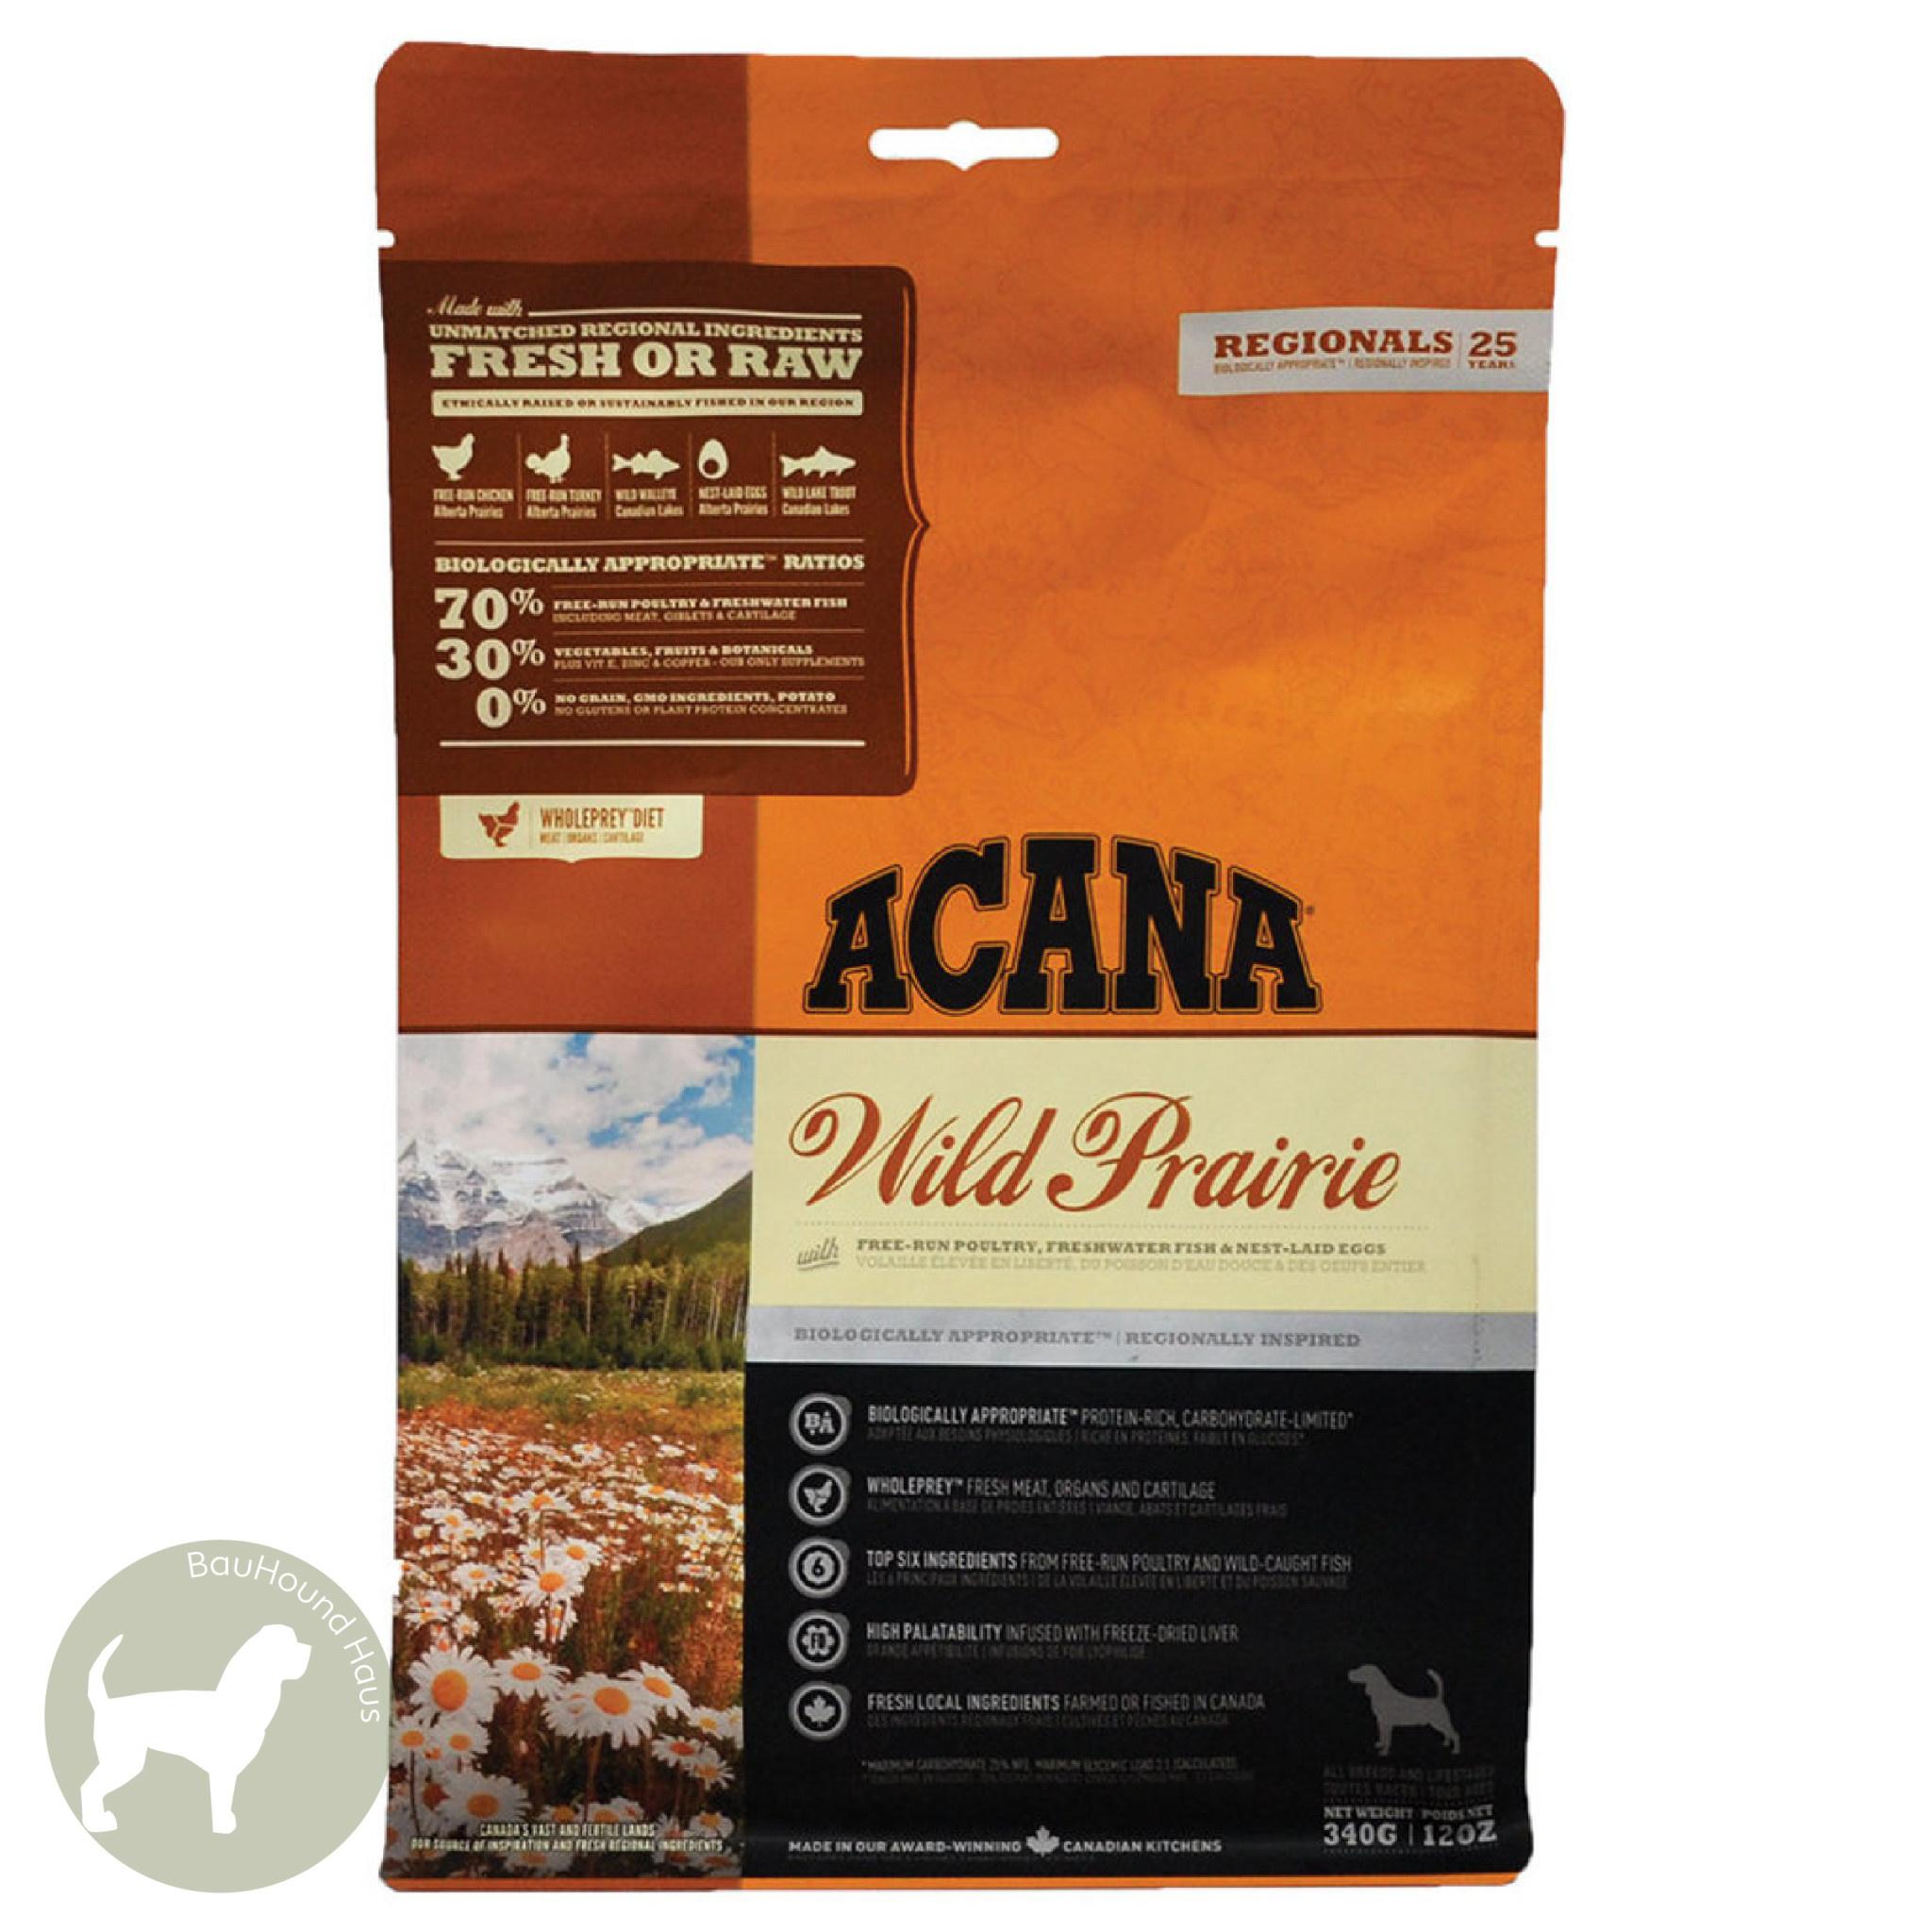 Acana Acana REGIONALS Wild Prairie Kibble, 6kg